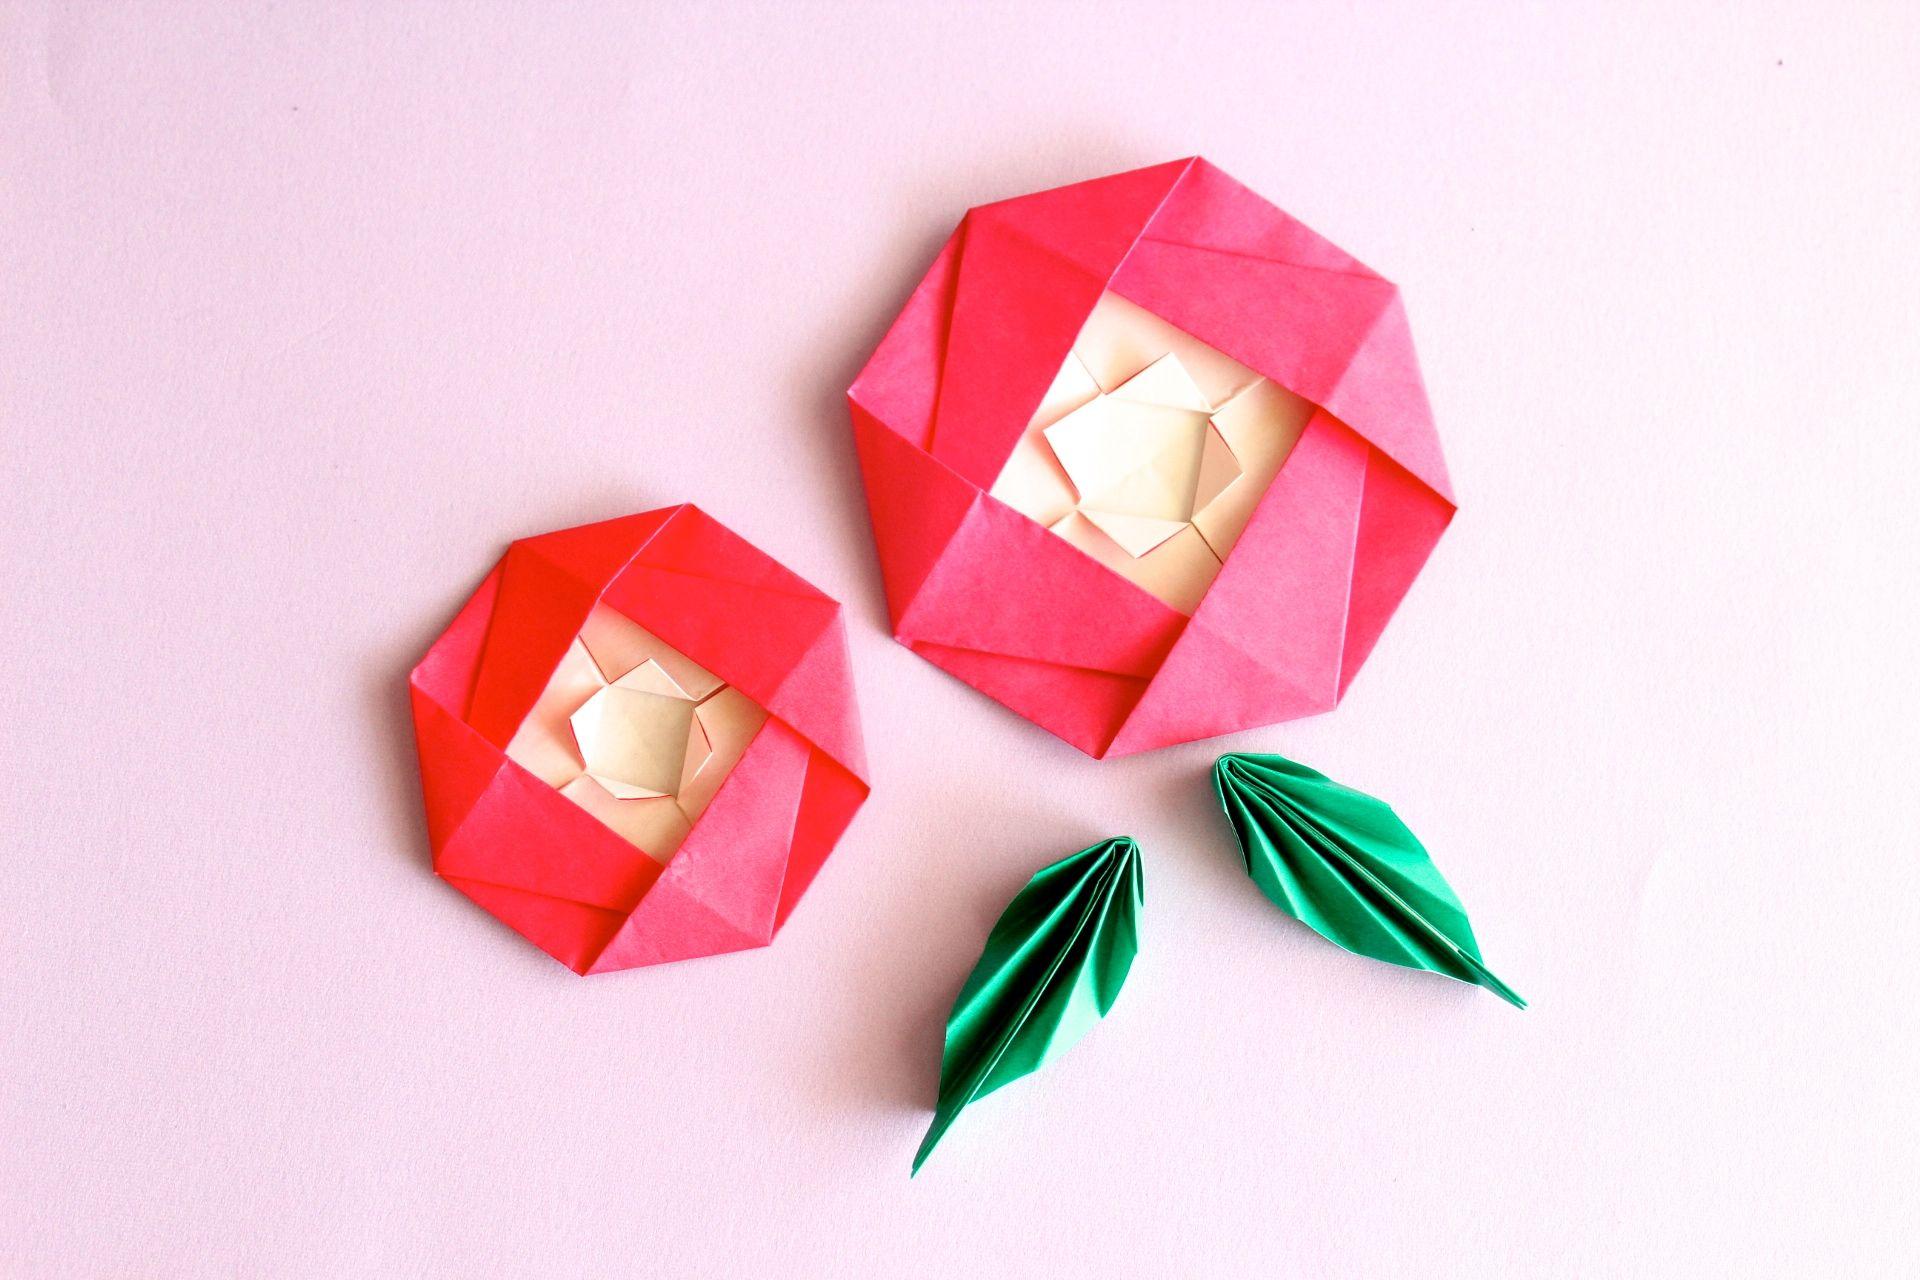 折り紙で椿の折り方